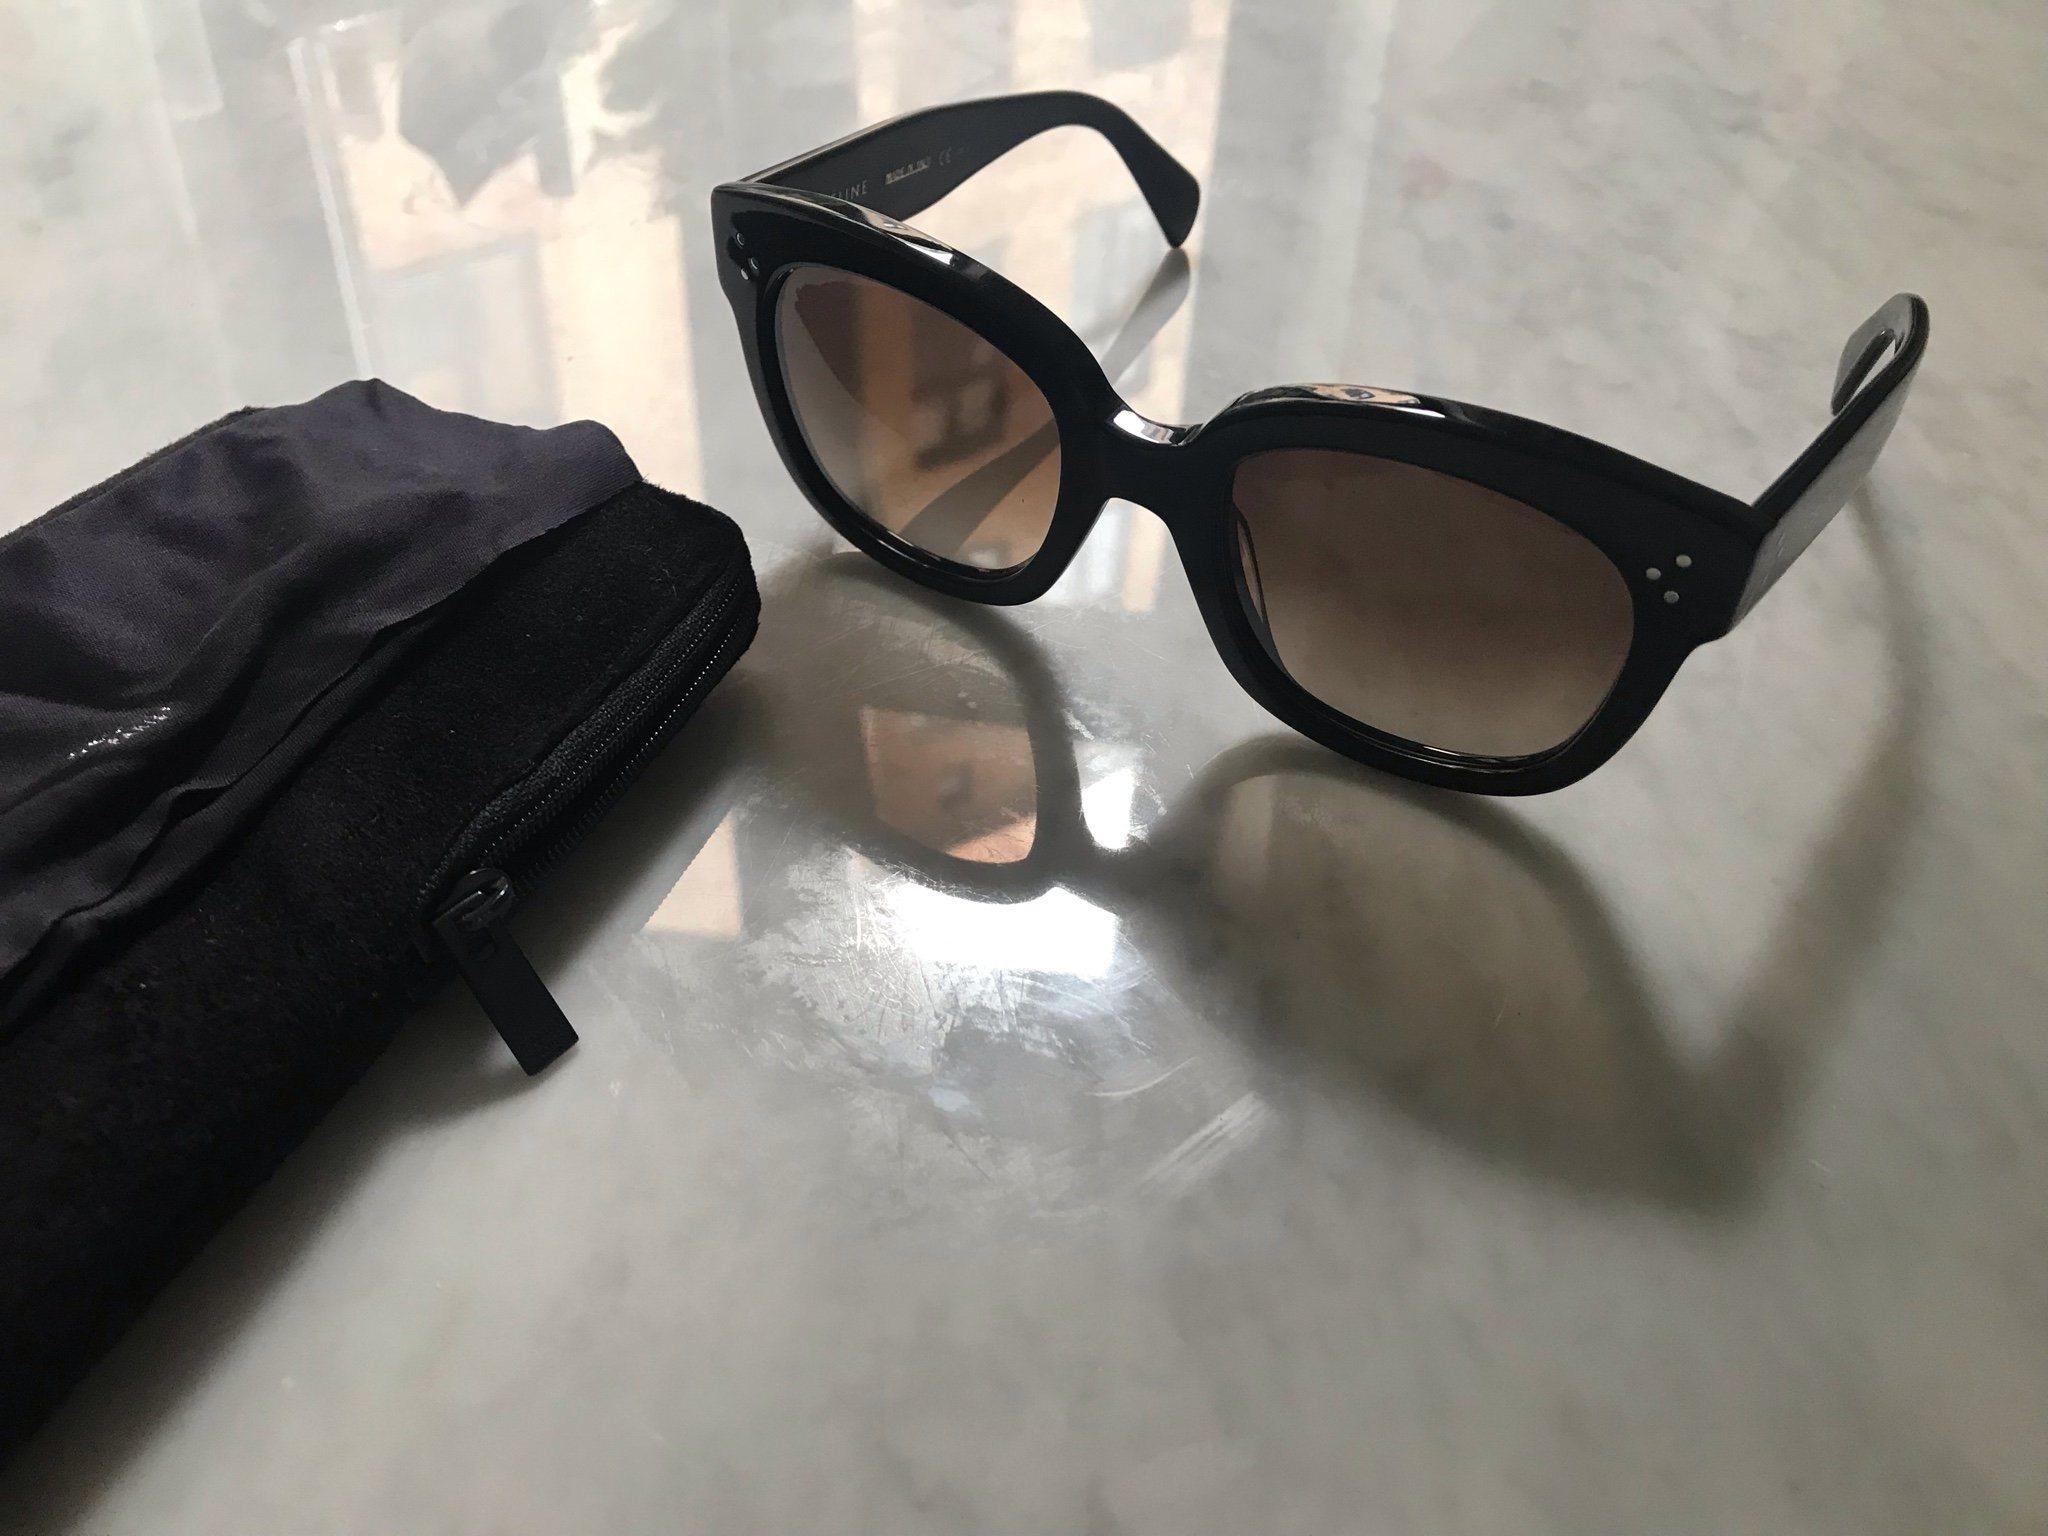 36406f2169d Celine solglasögon svarta (342231046) ᐈ Köp på Tradera